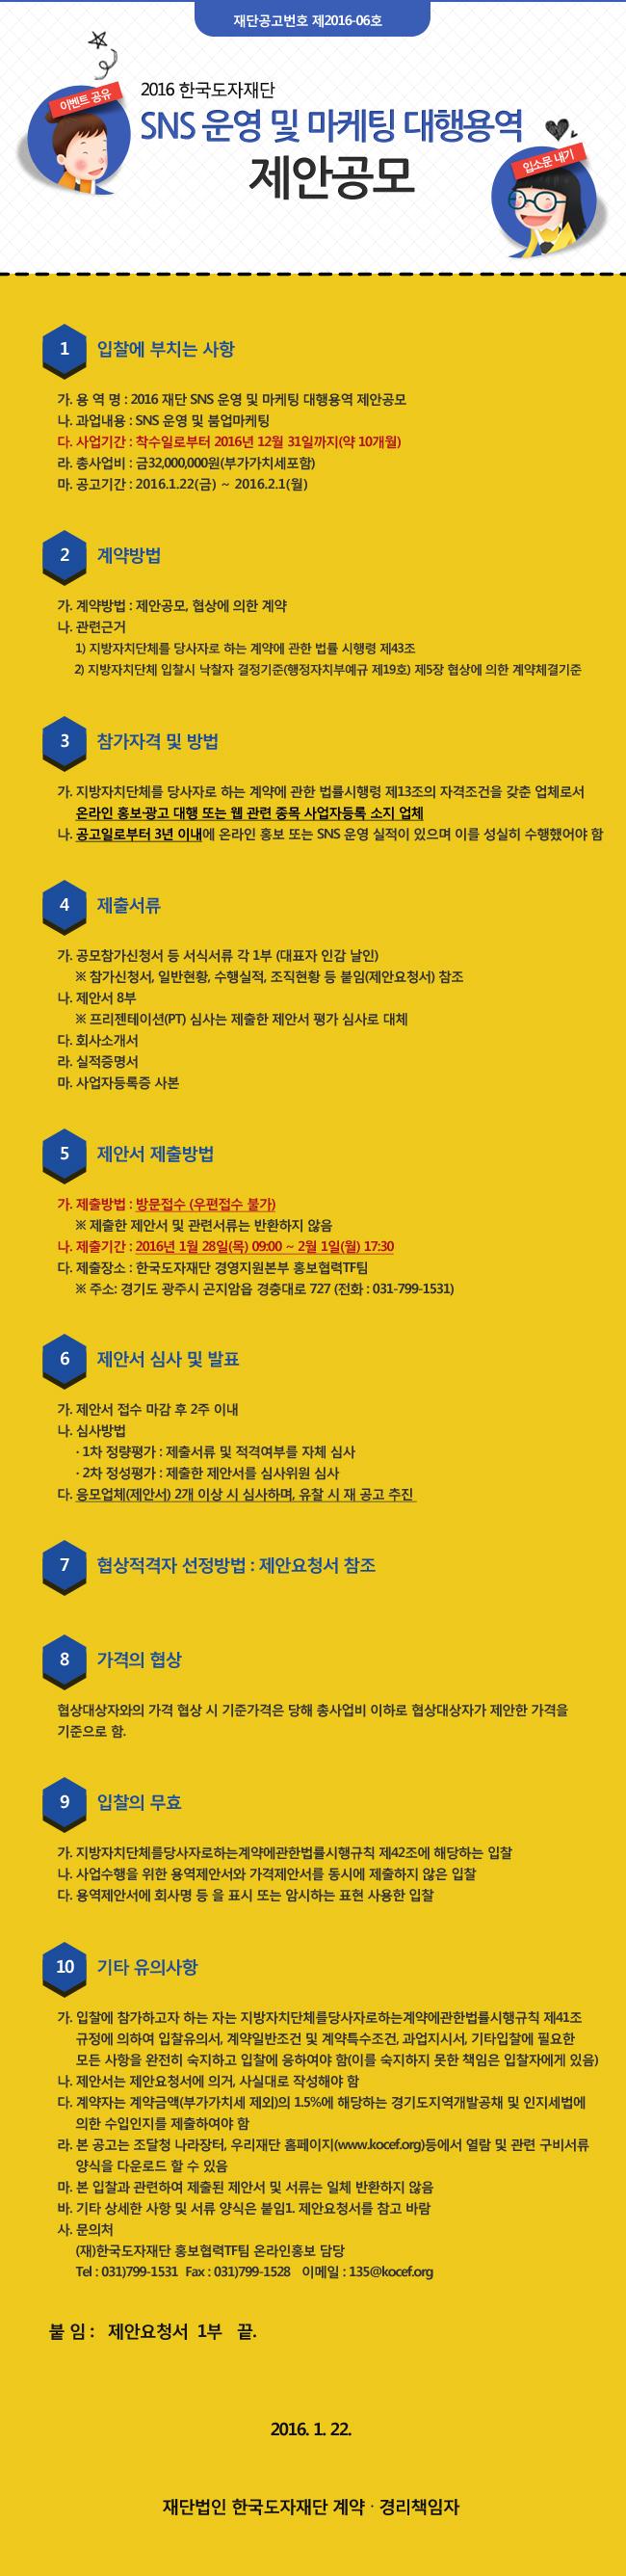 2016 한국도자재단 SNS 운영 및 마케팅 대행용역 제안공모